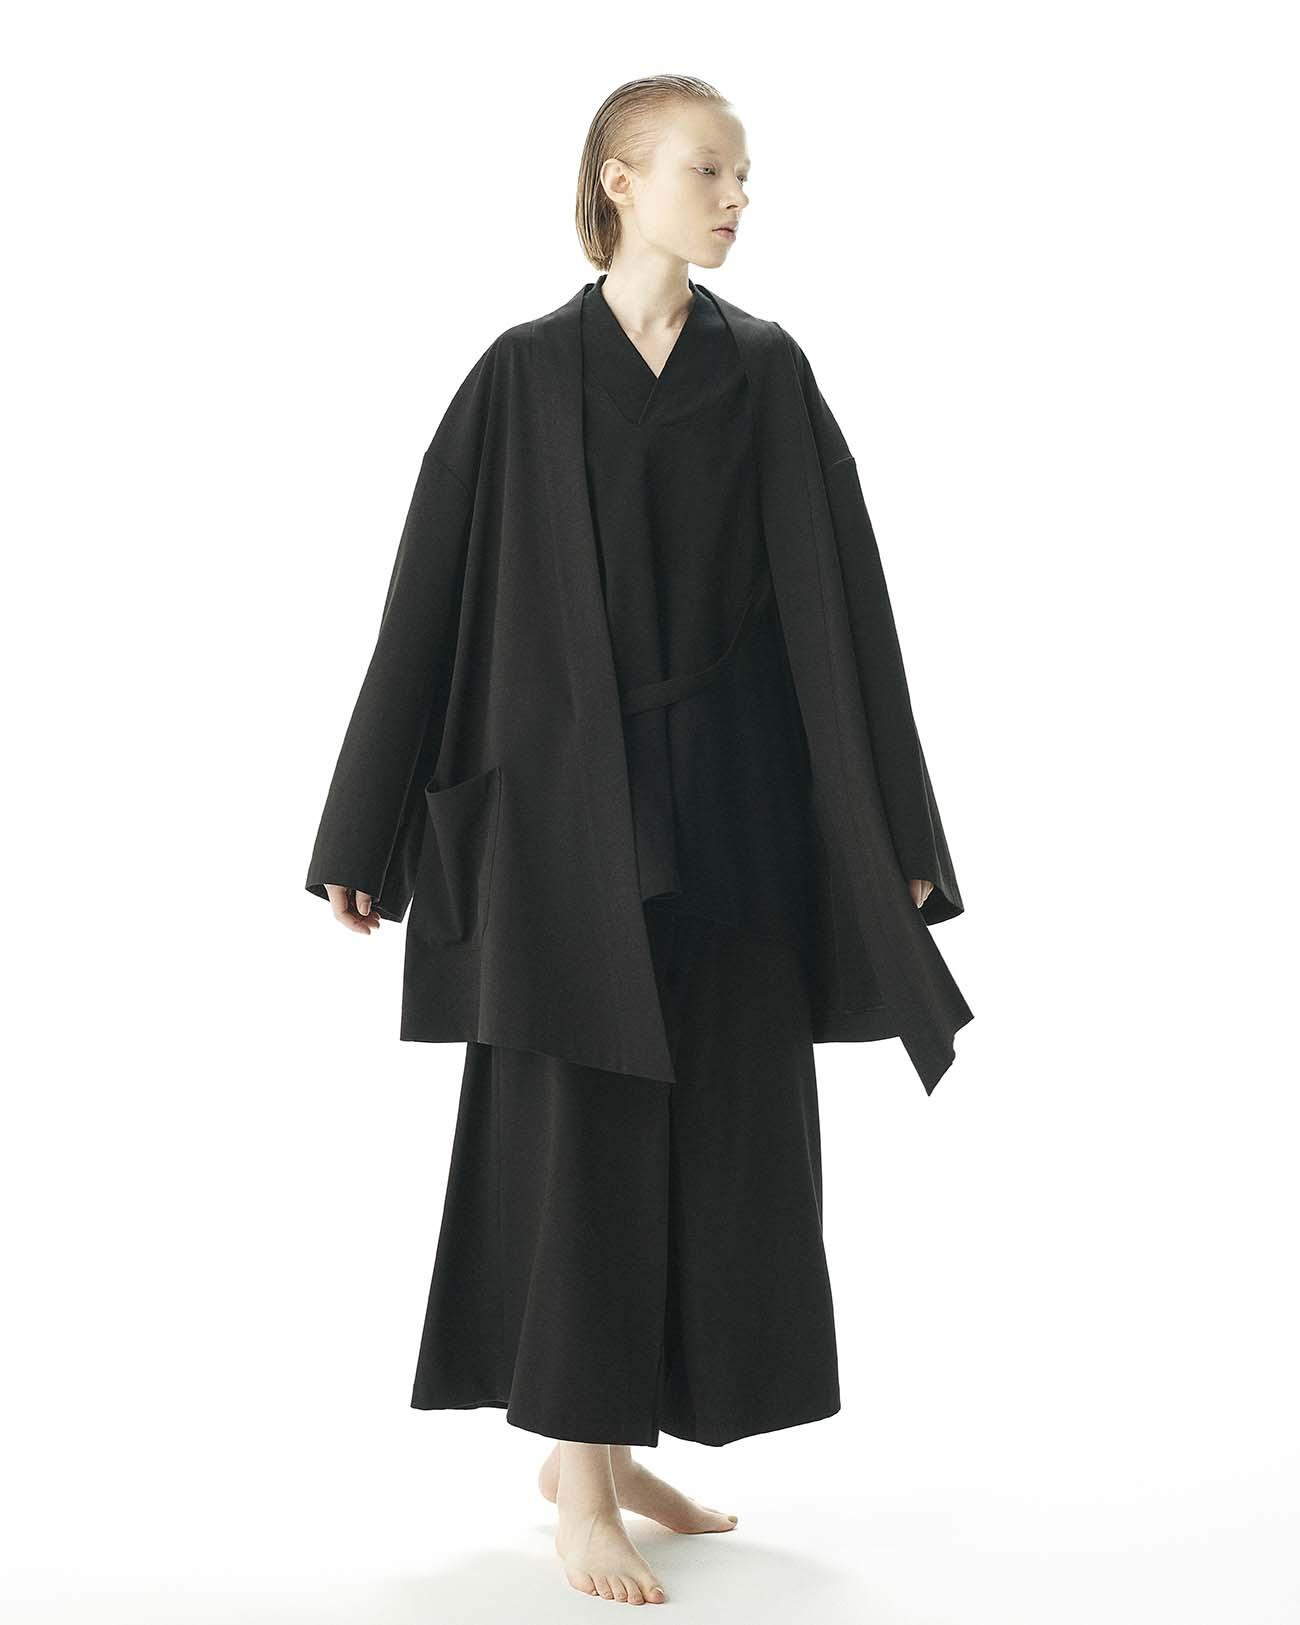 人造丝混纺和风袴宽裤